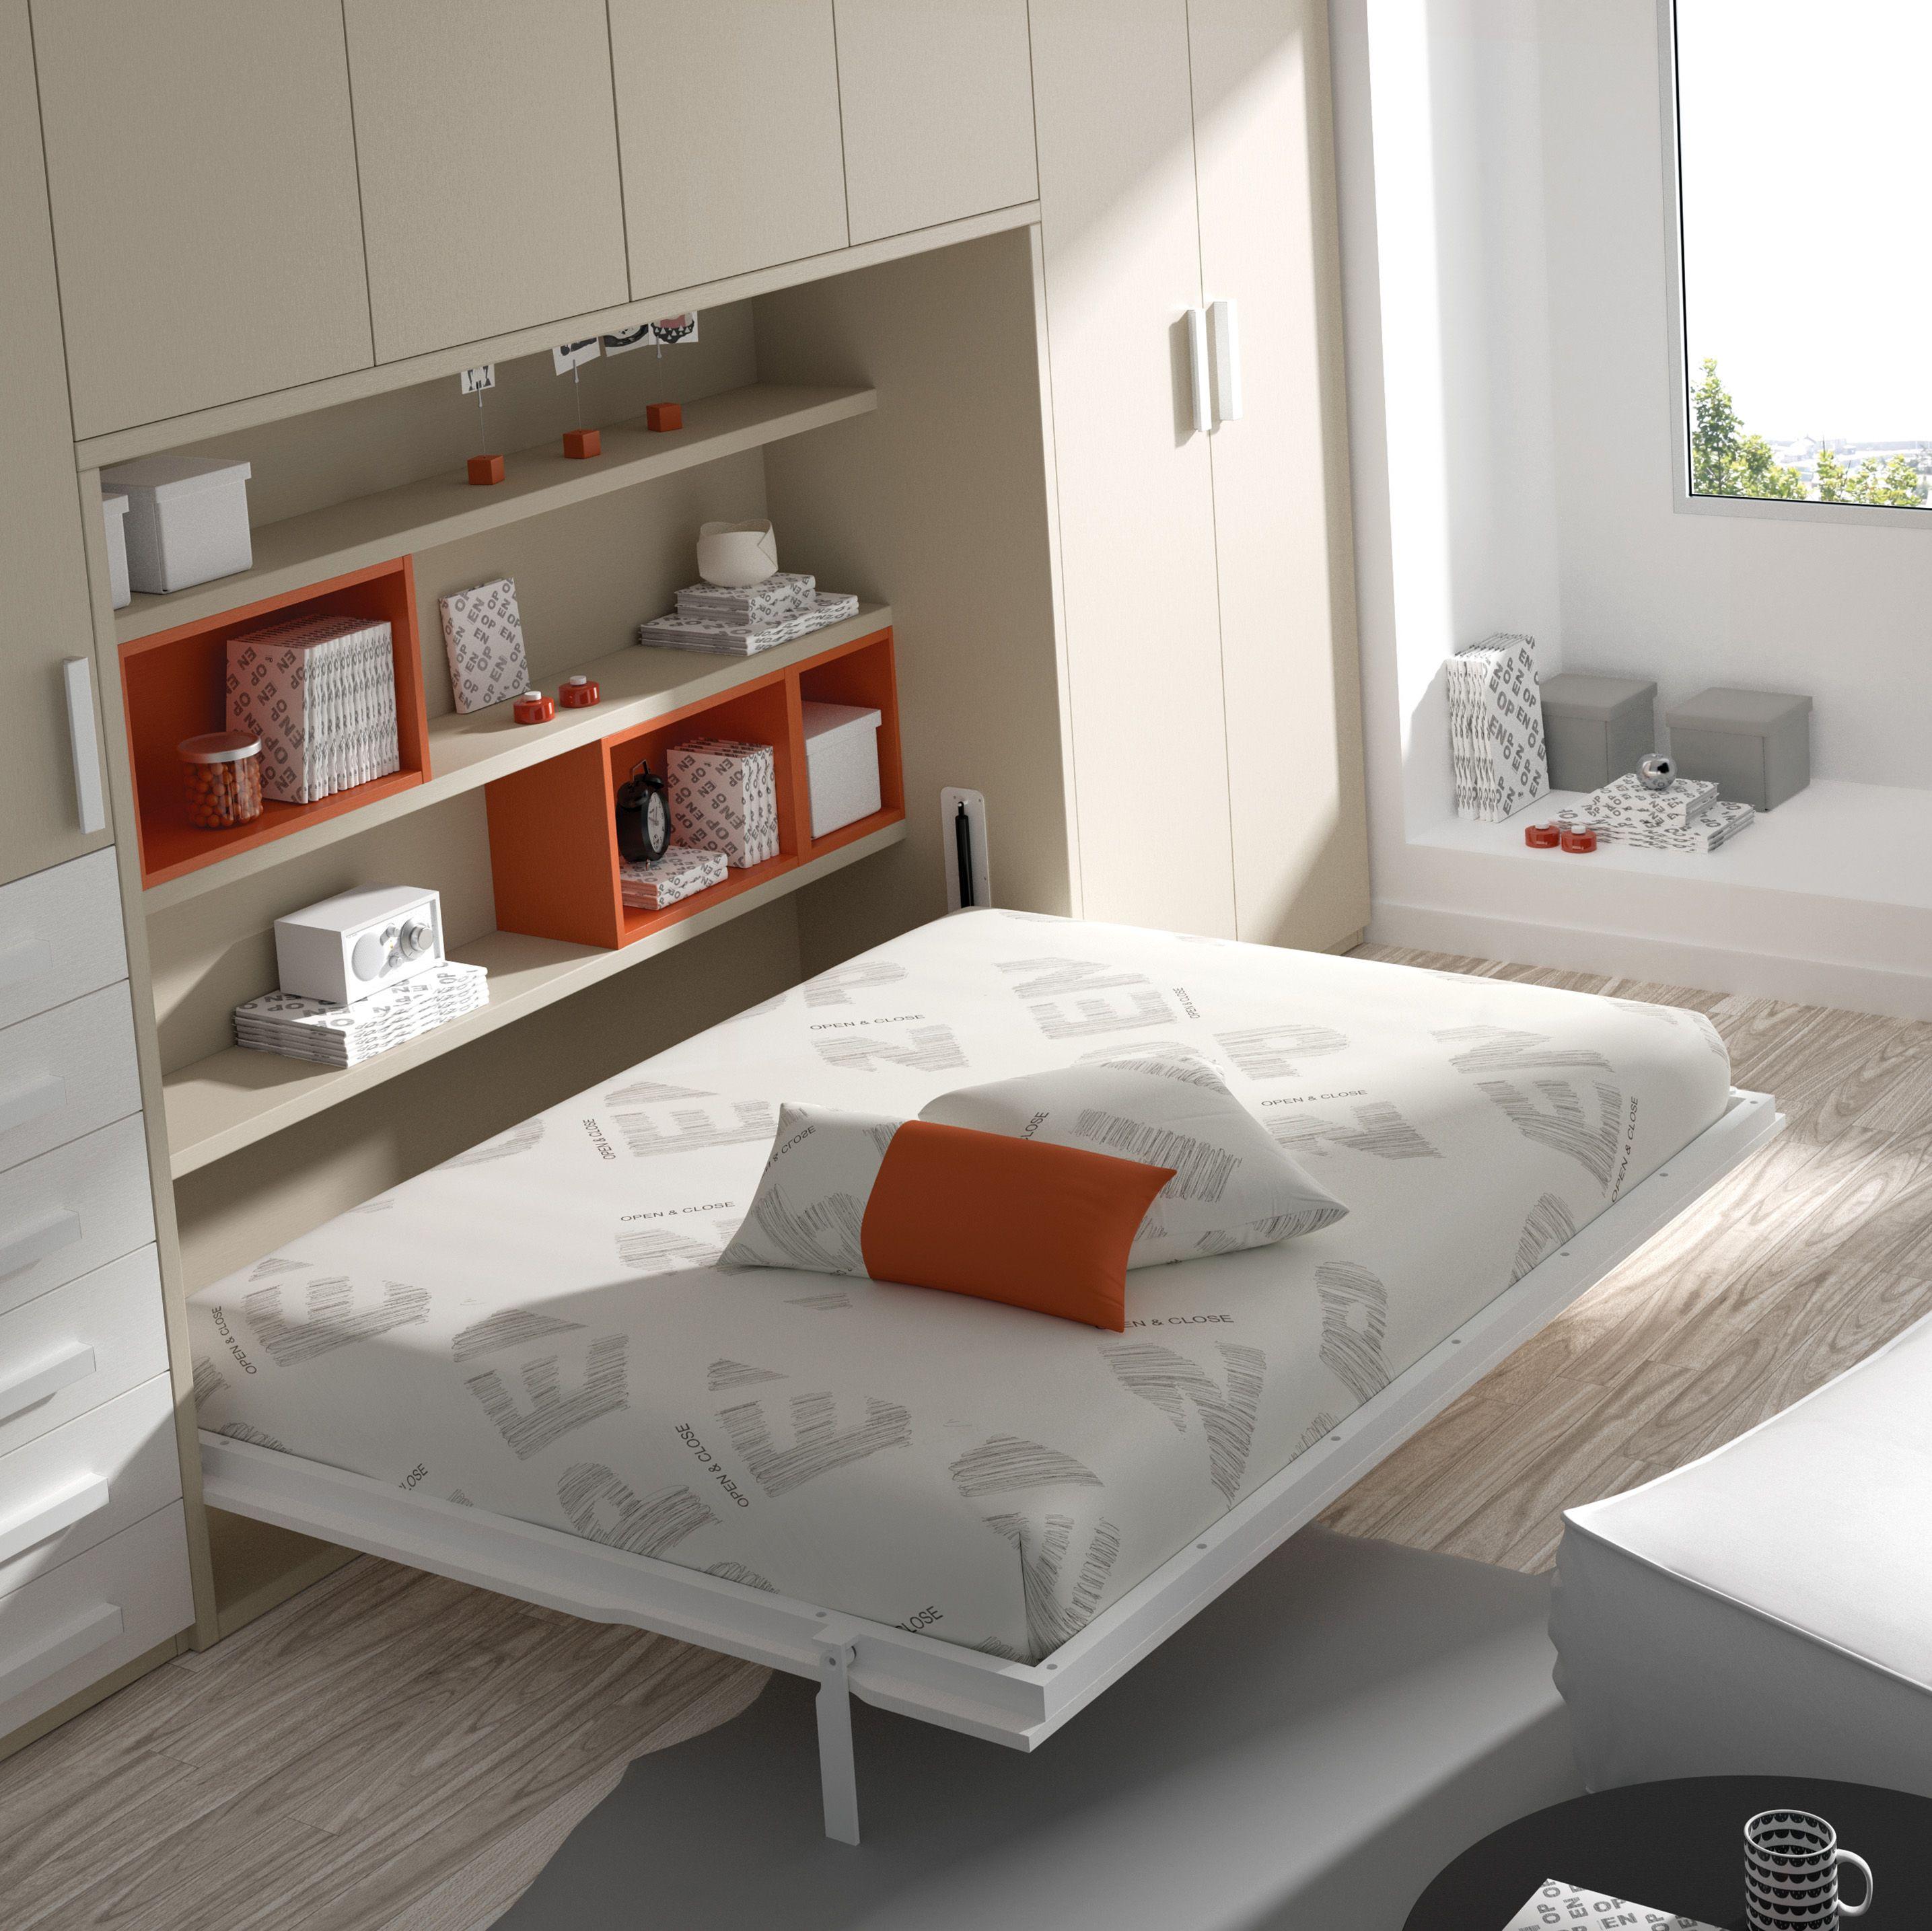 Camas abatibles dise adas para dormitorios con poco - Dormitorios con poco espacio ...